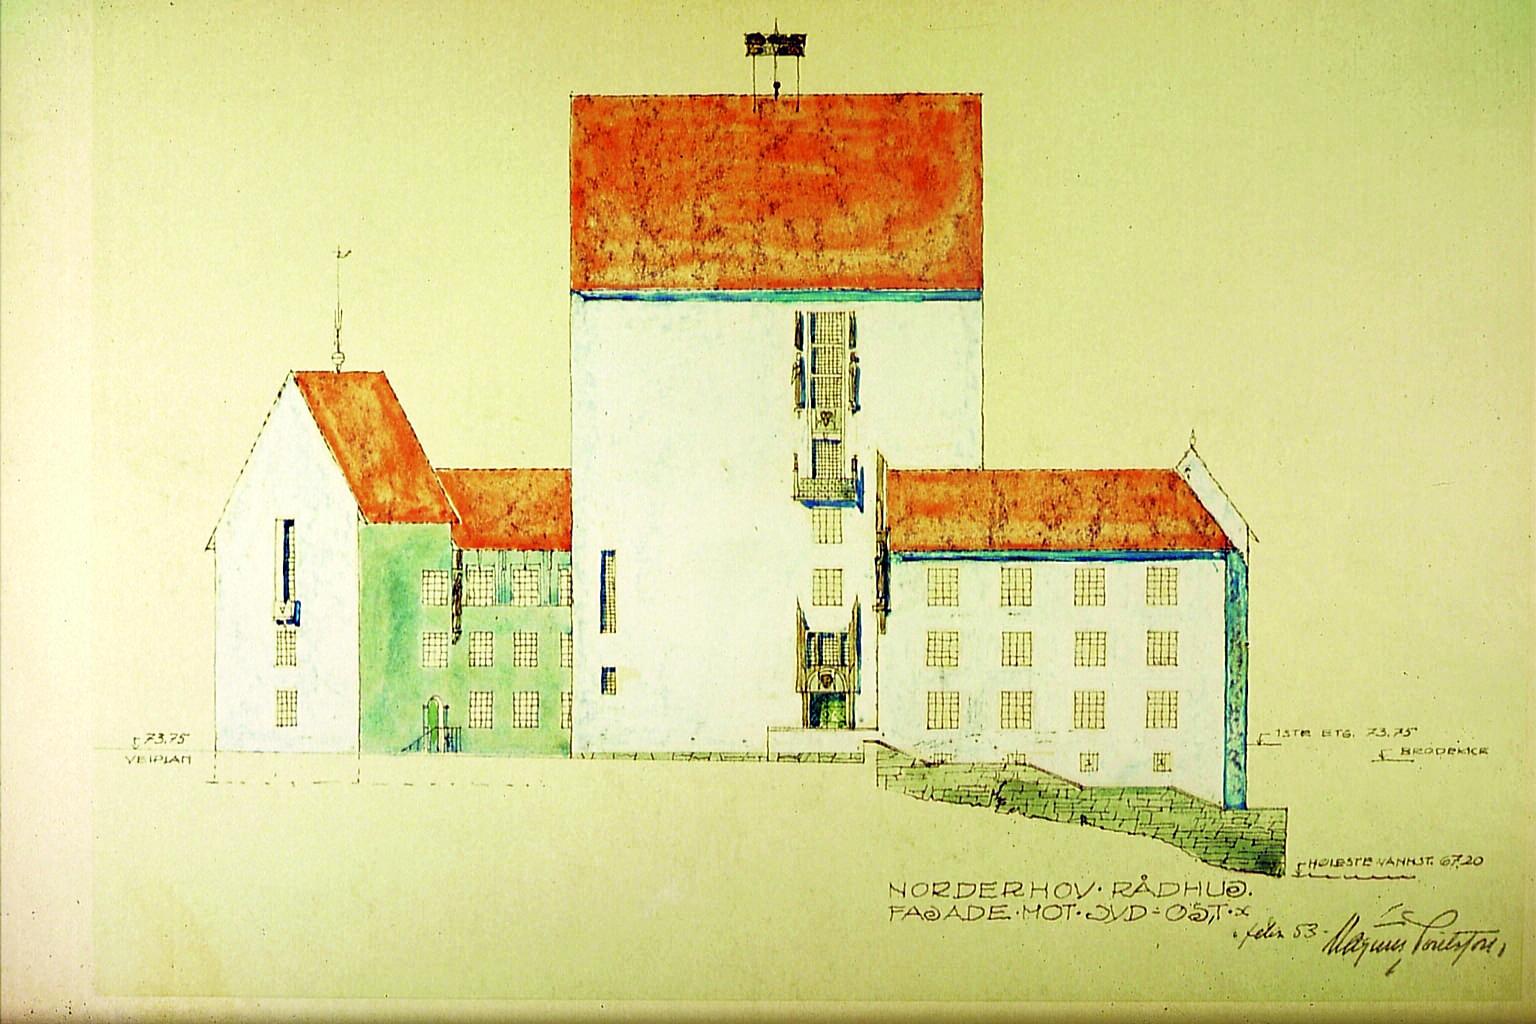 Et av forslagene til Norderhov rådhus ved Hønefoss.